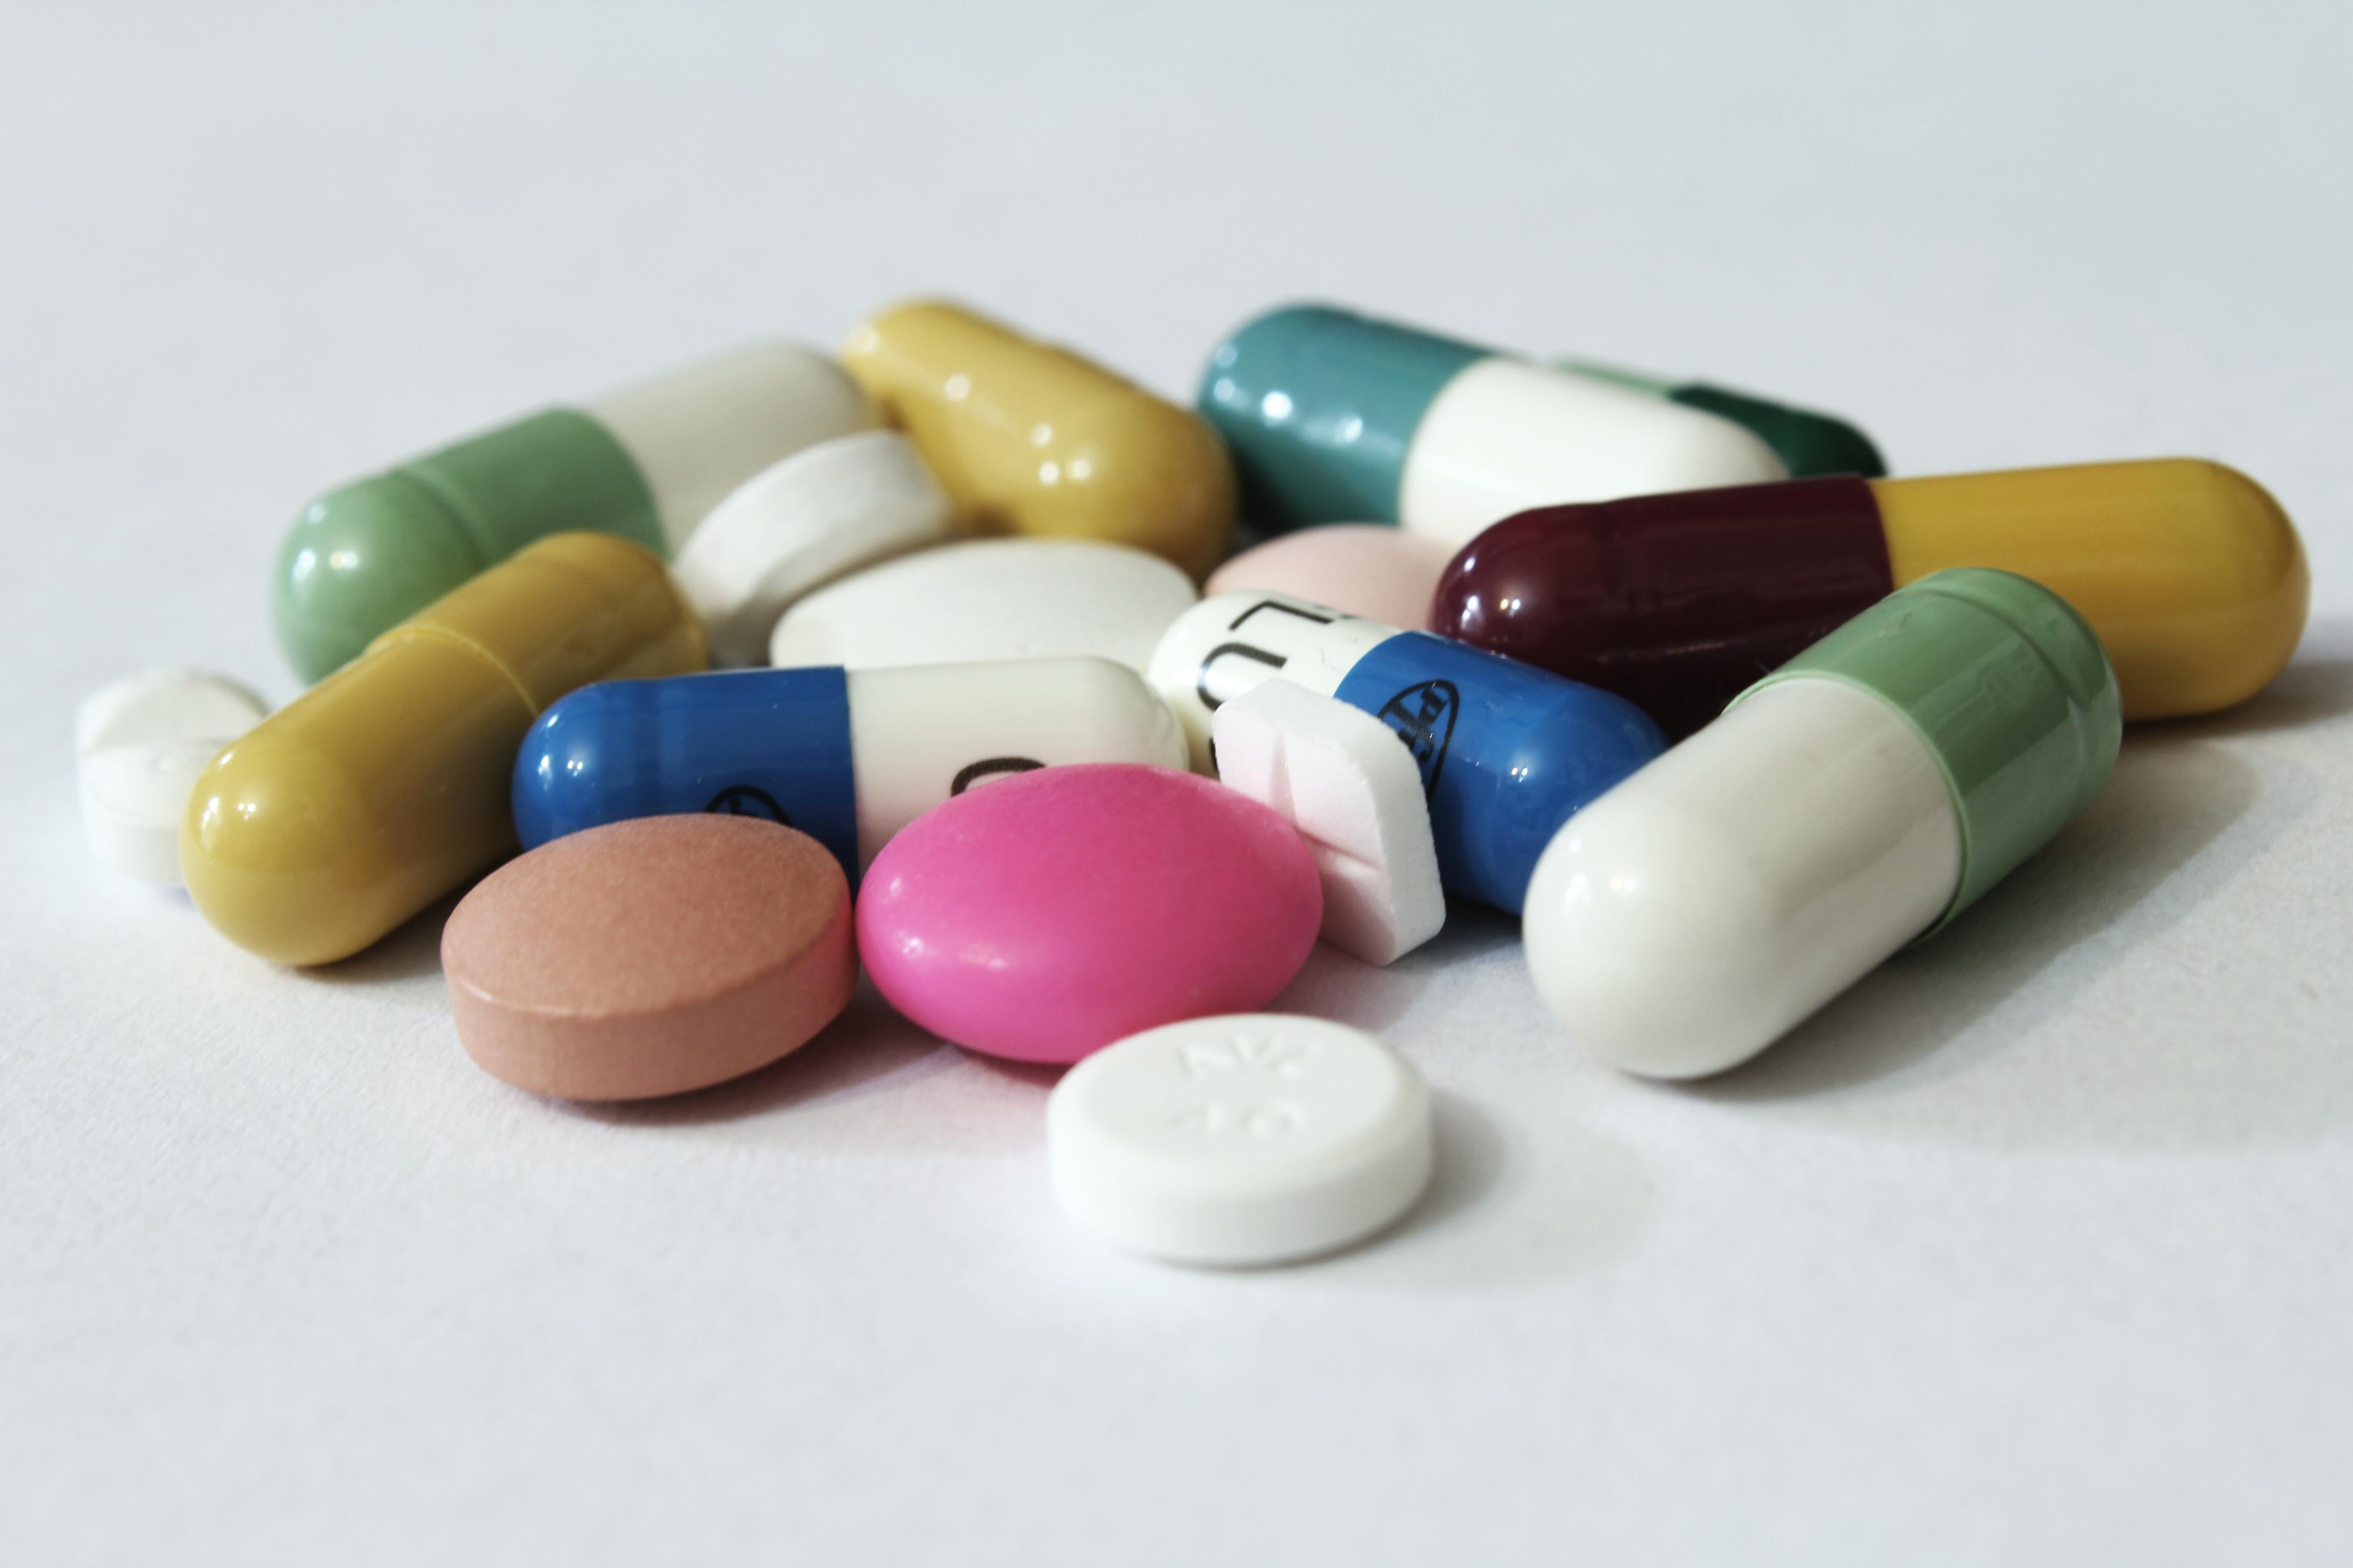 Medicamento oncológico Avastin deixou de ser comparticipado pela ADSE?